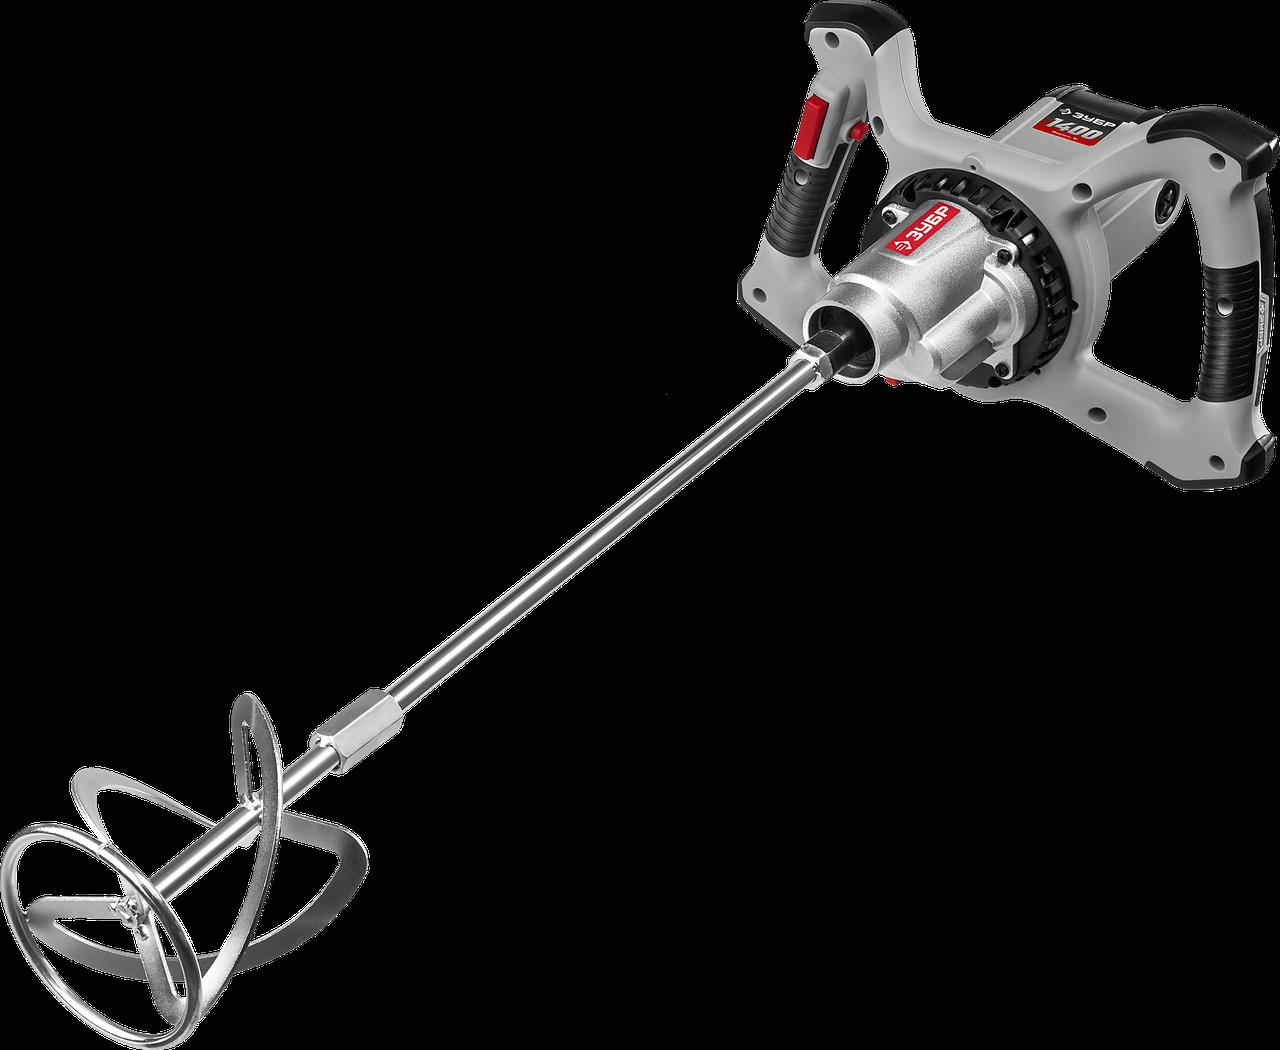 Миксер ЗУБР МР-1400-2 строительный, 2-скоростной, 1400 Вт, 13 Нм, 0-620 / 0-810 об/мин, М14 патрон,